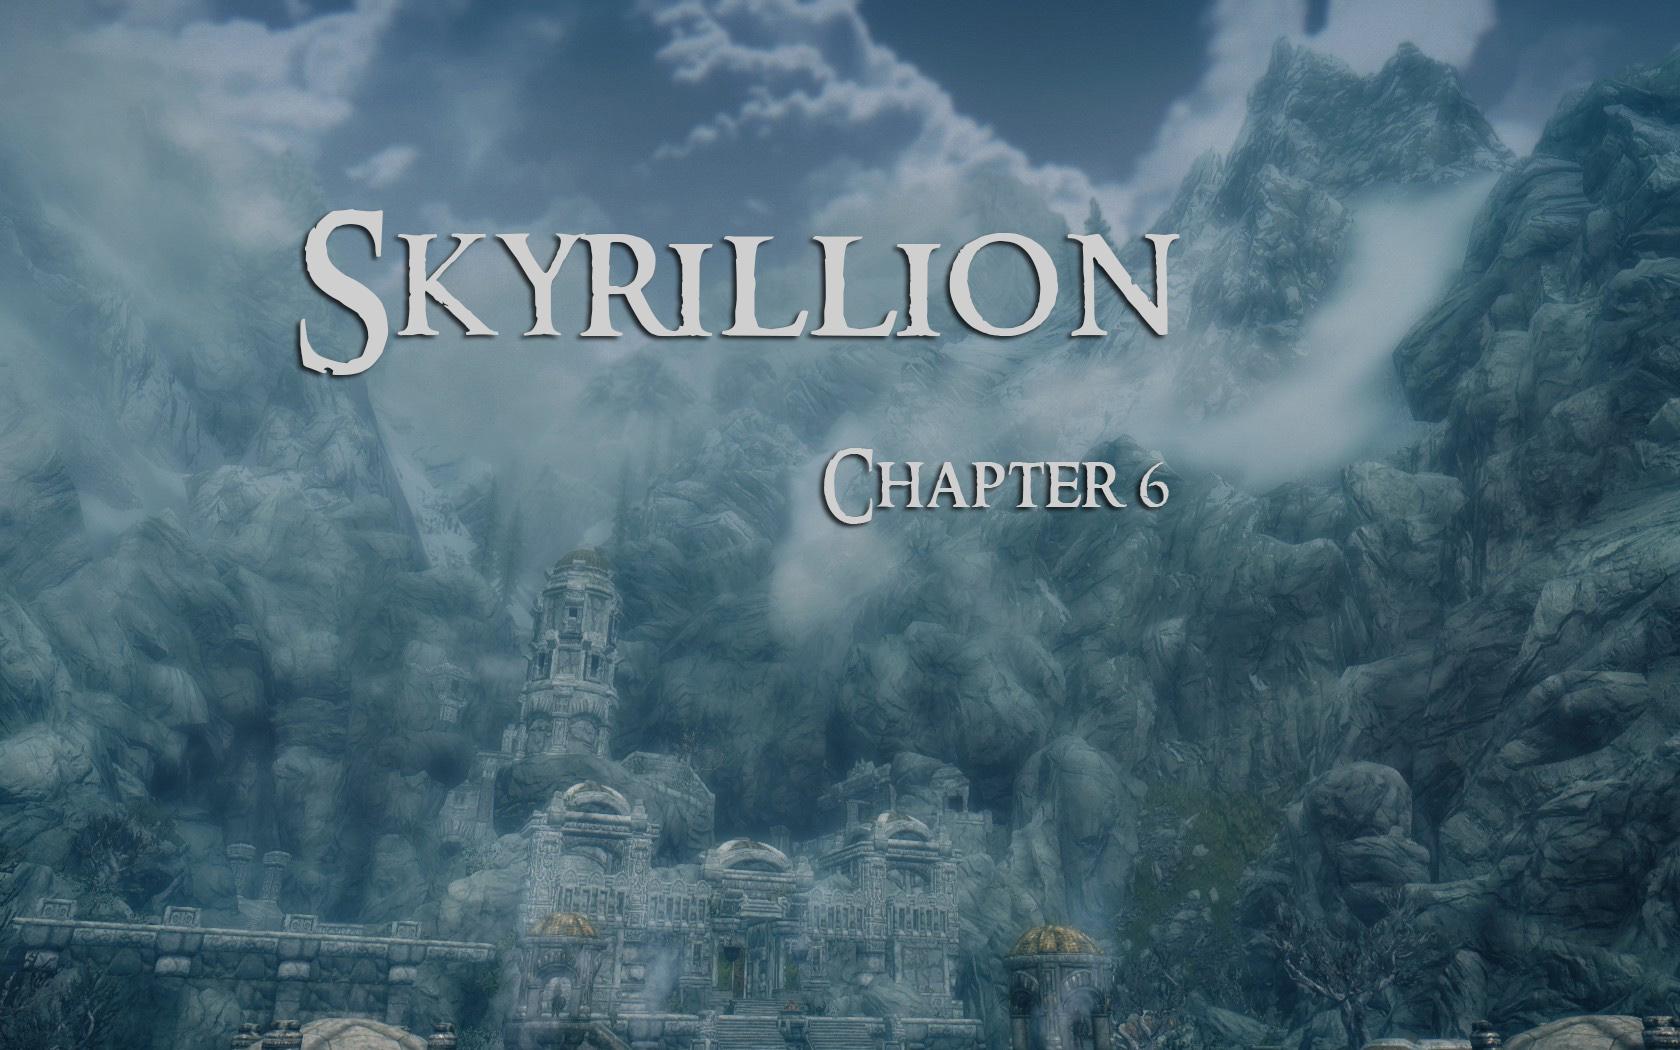 Скайриллион - глава 6